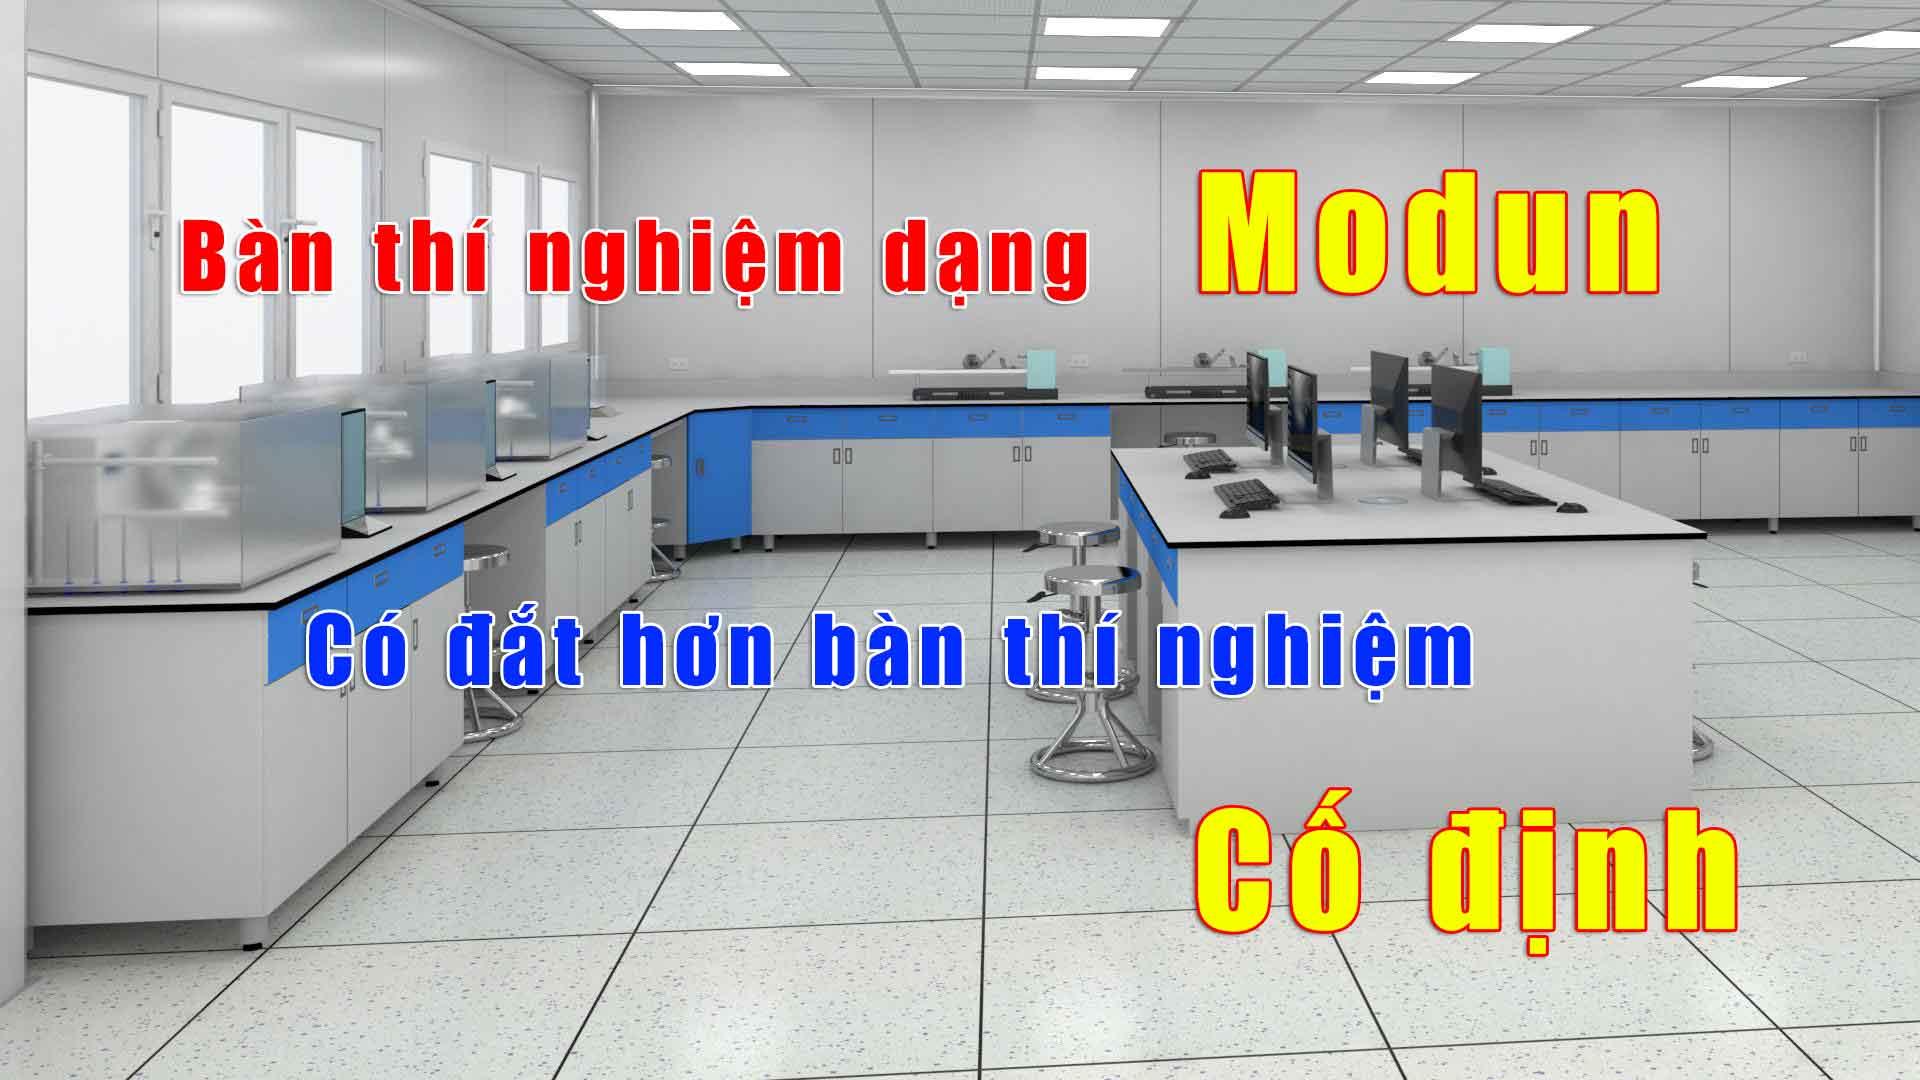 Bàn thí nghiệm dạng modun, bàn thí nghiệm cố định